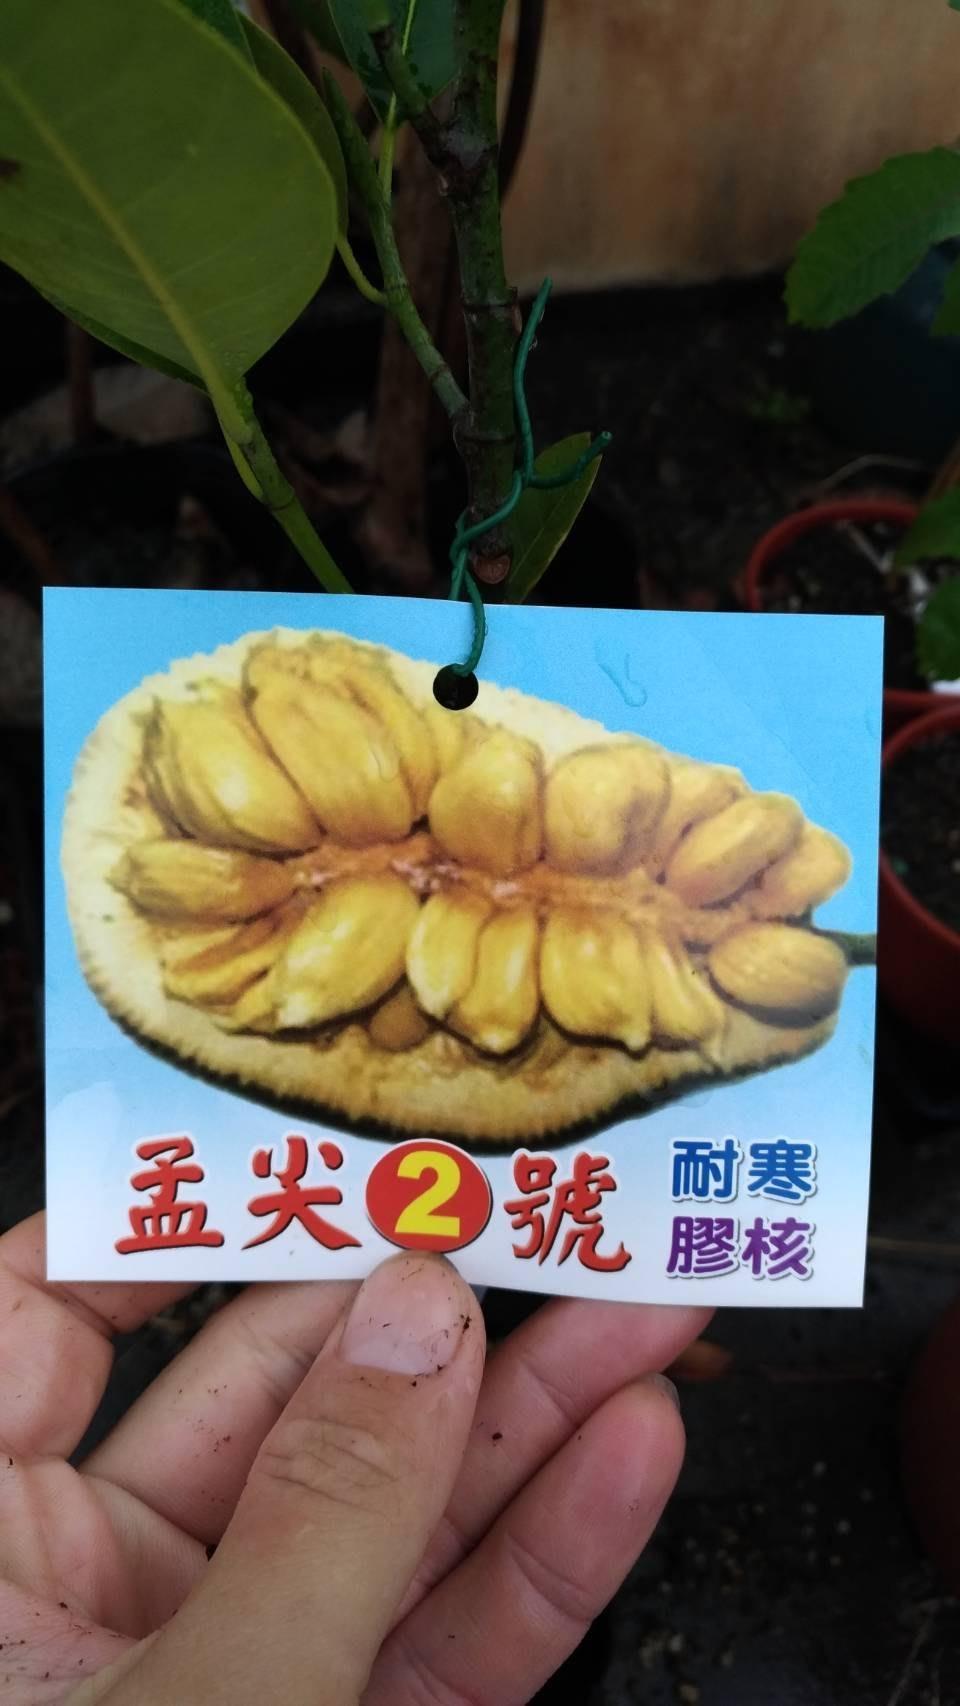 ╭☆東霖園藝☆╮熱帶果樹(孟尖)孟尖2號---稼接苗---- 甜美多汁